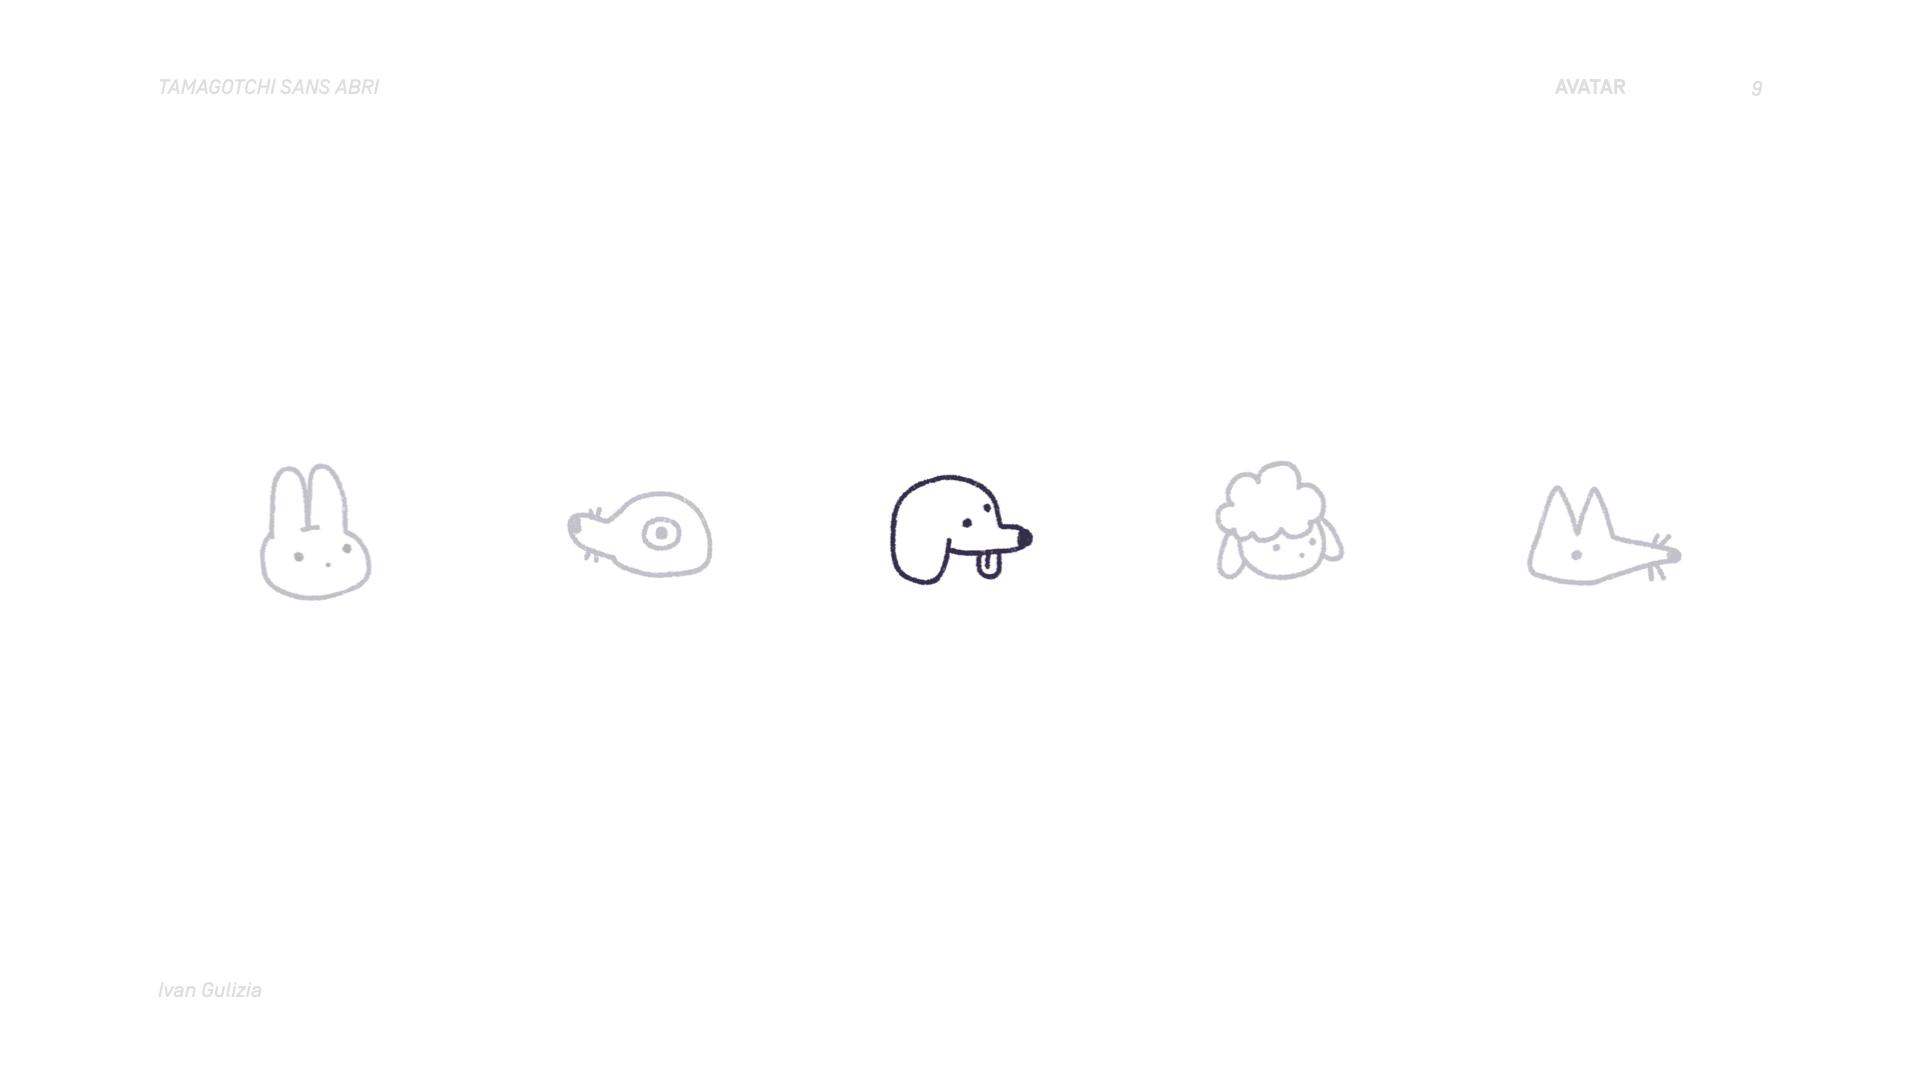 Tamagotchi Sans Abri.009.png